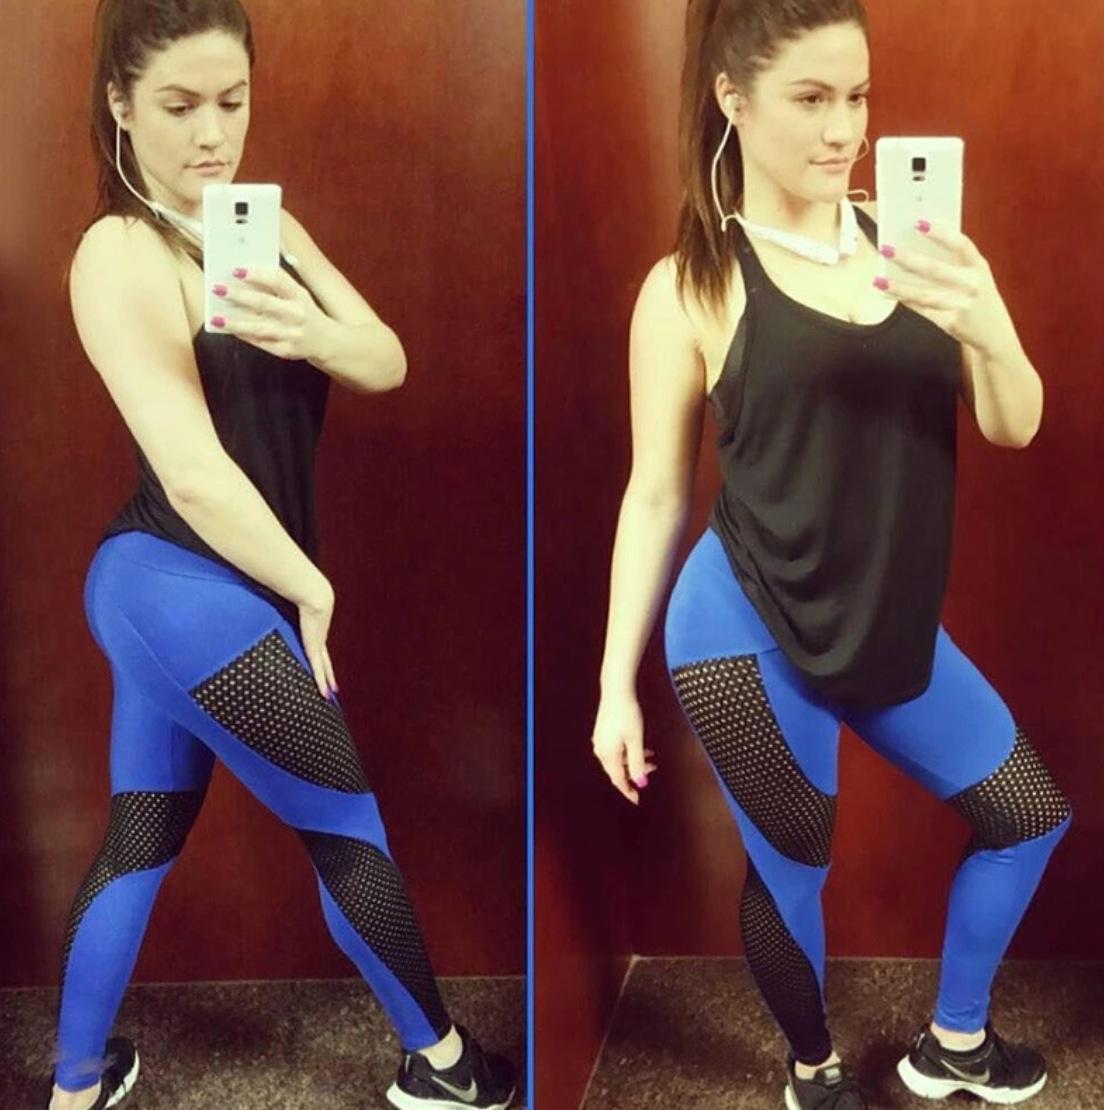 Точечные брюки взрыва моделей Йога сплавные соращивания контрастный цвет бедра стройная высокая талия сексуальные спортивные леггинсы